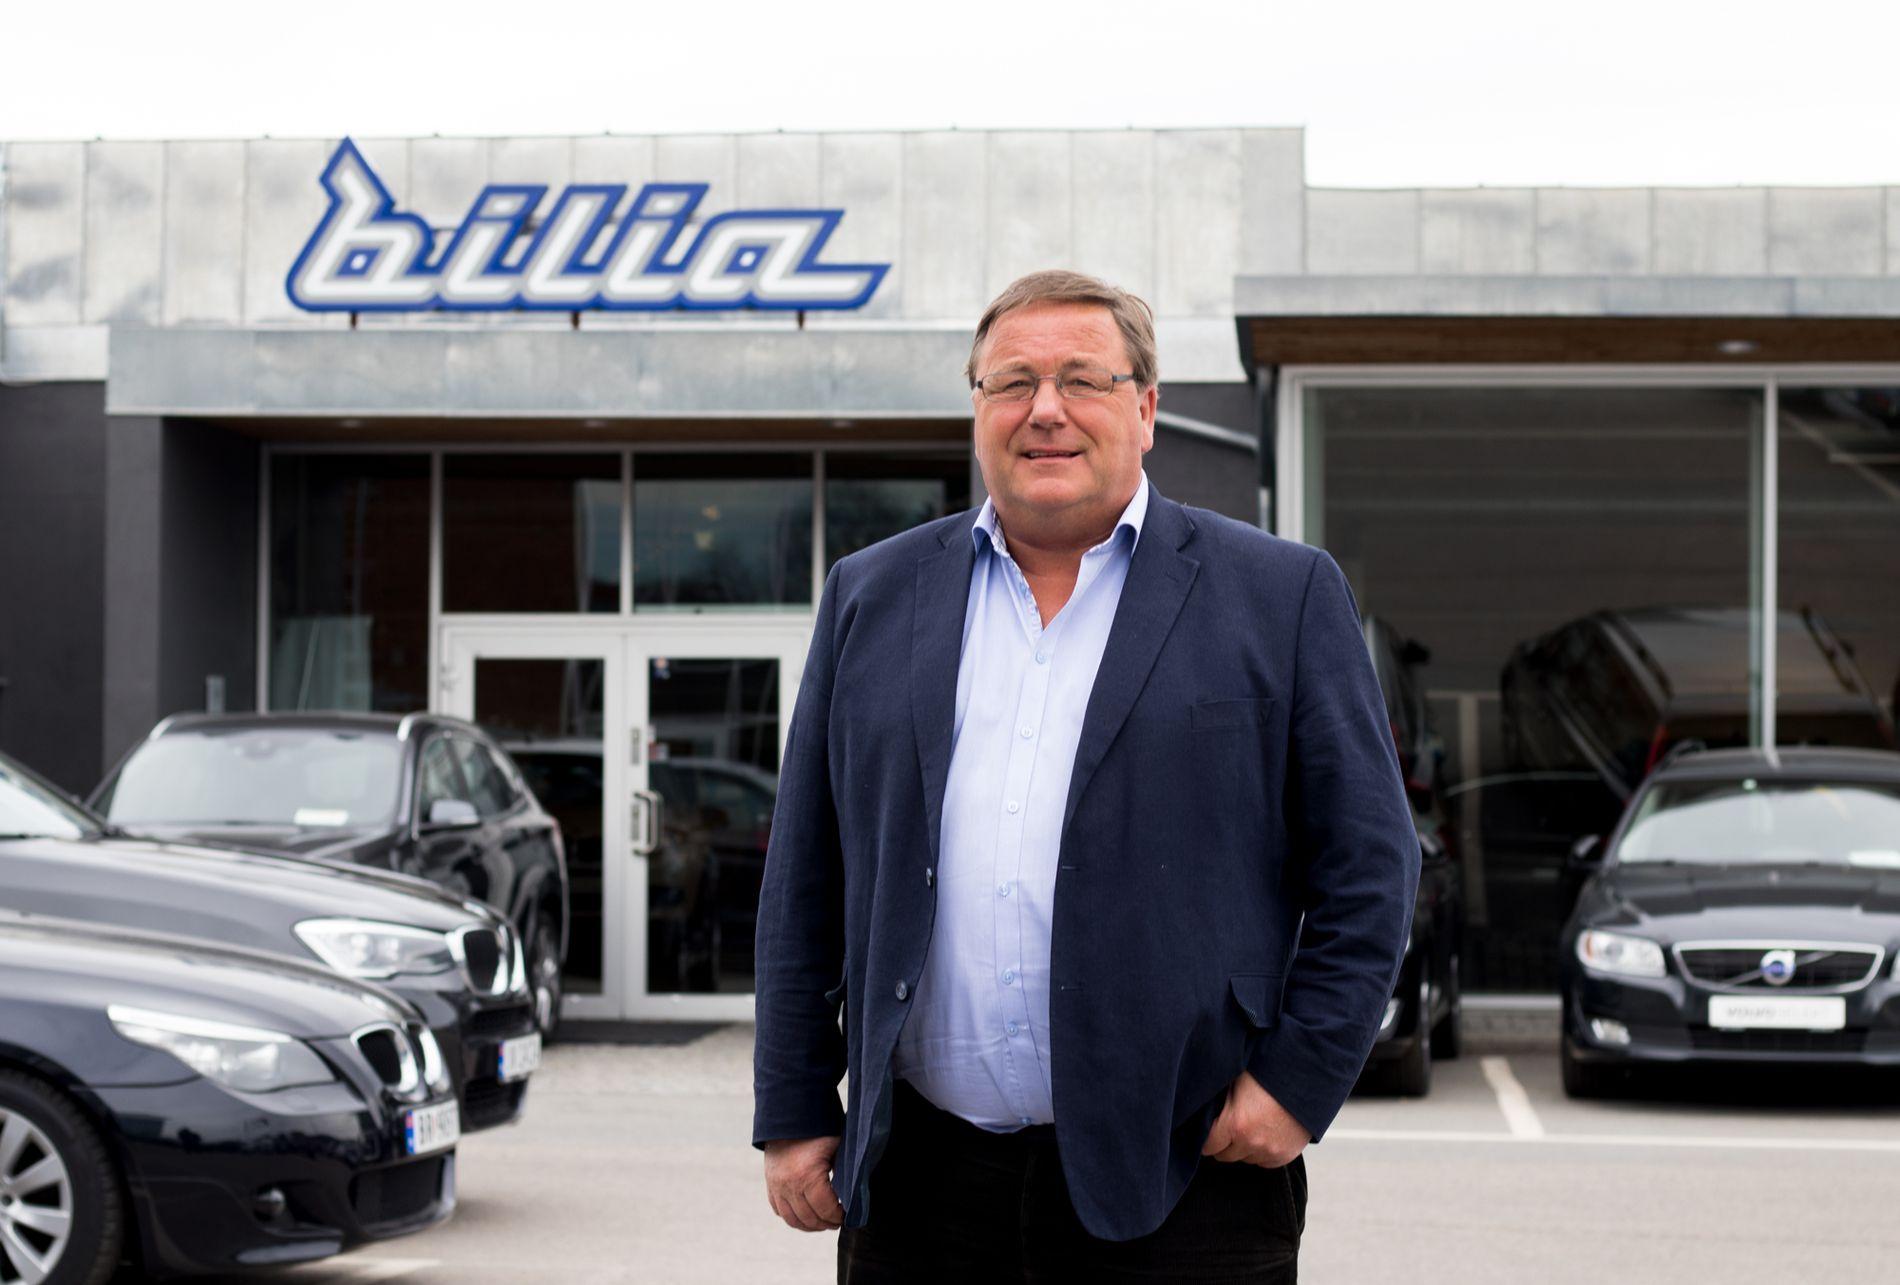 TRYGT: Regionsdirektør Dag Christiansen i Bilia anbefaler deg å kjøpe bruktbil gjennom en merkeforhandler.